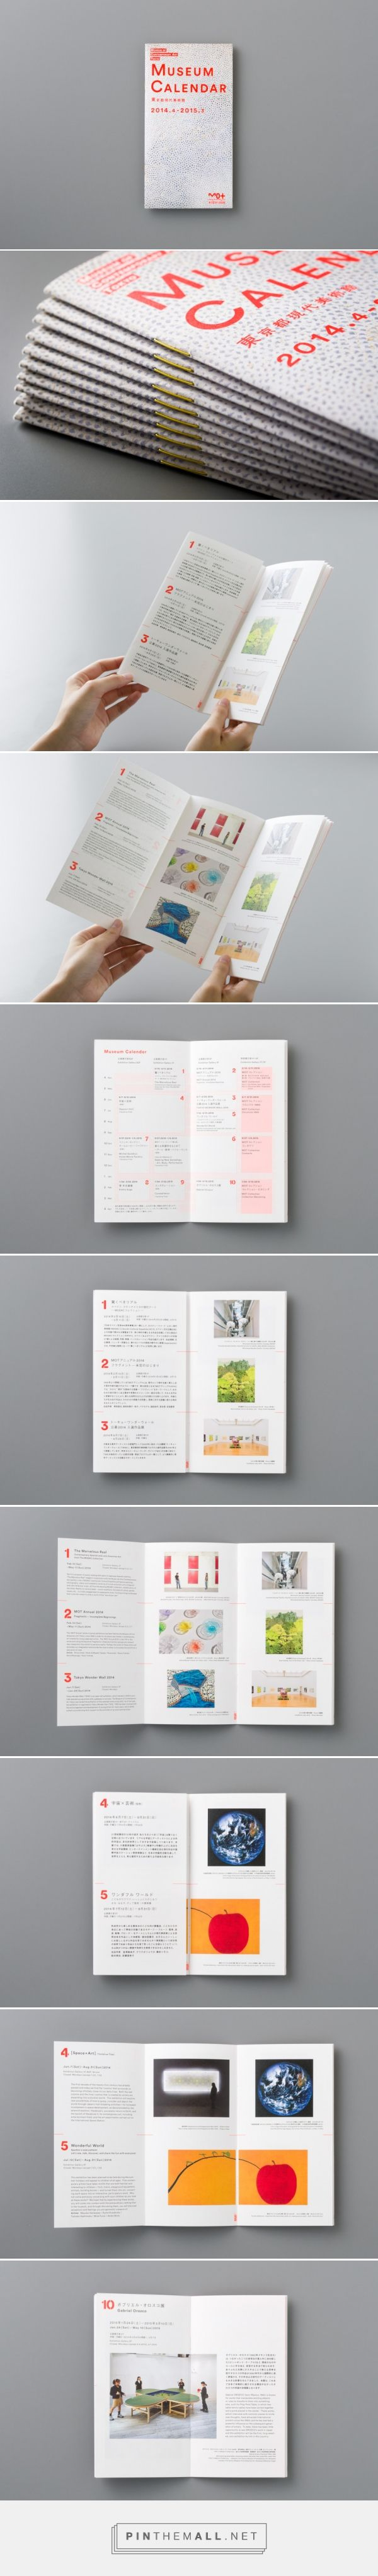 Museum of Contemporary Art Tokyo | Museum Calendar by UMA / design farm